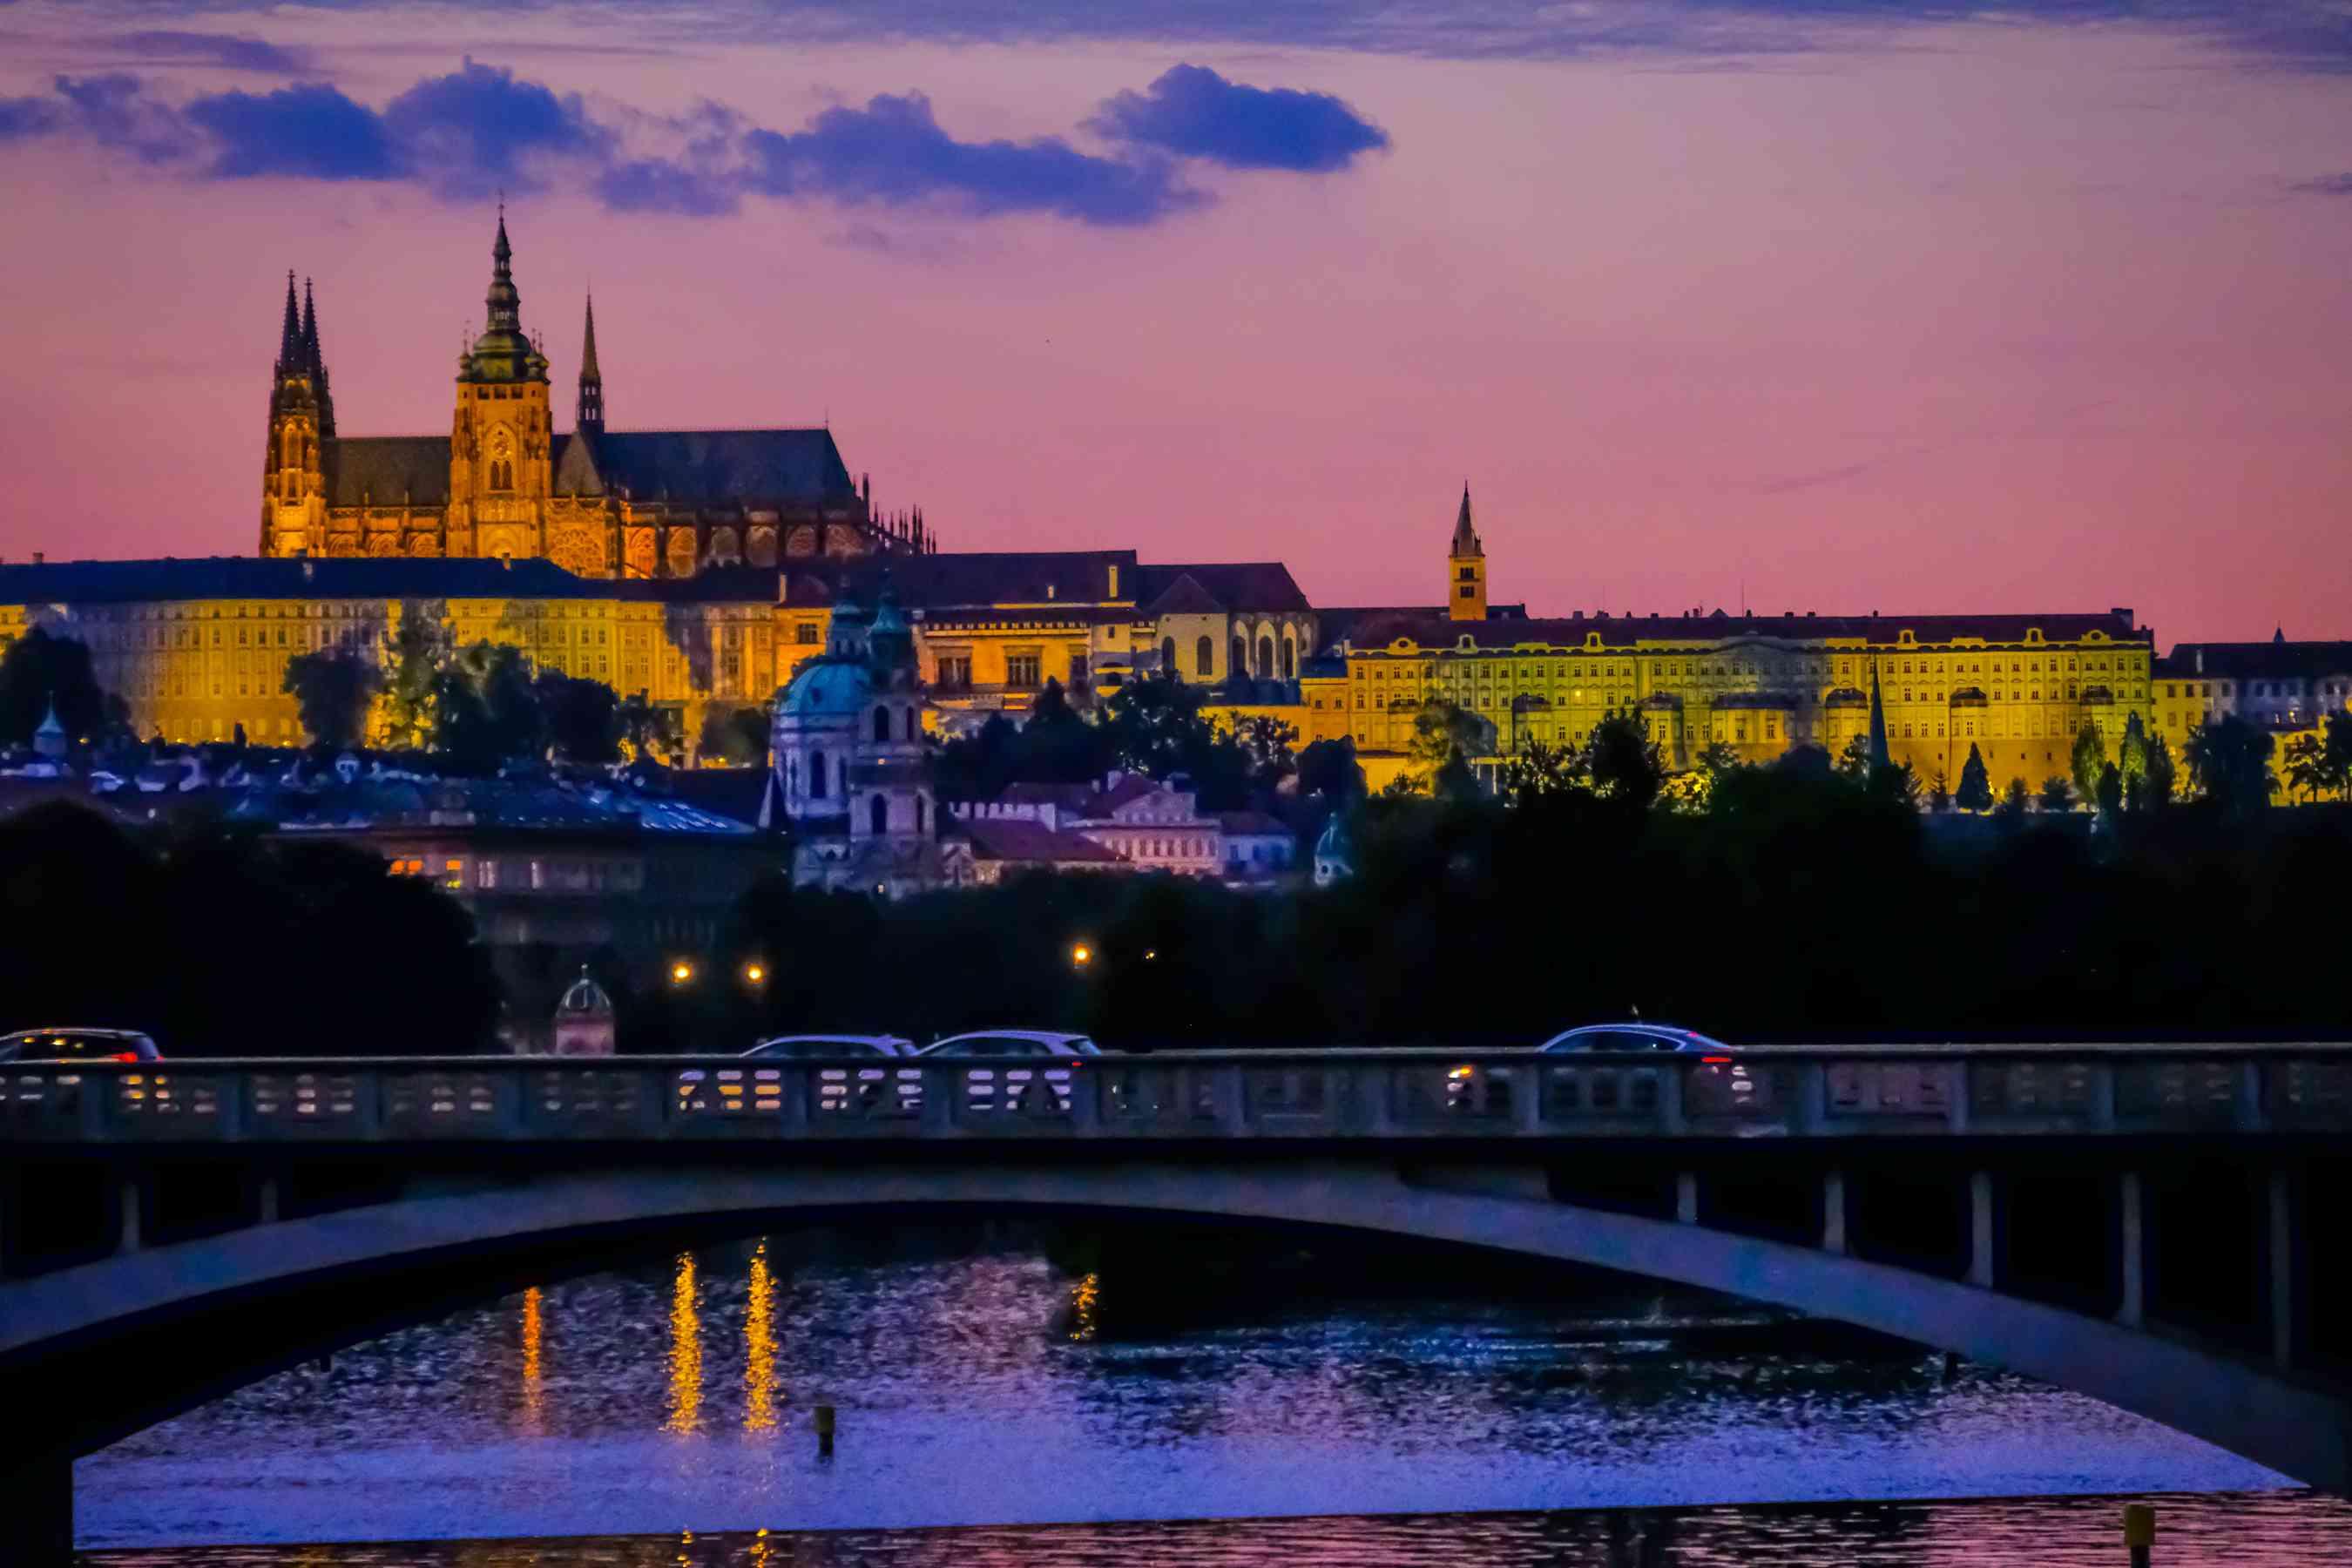 Vista de Praga en la noche con vista del Castillo de Praga iluminado